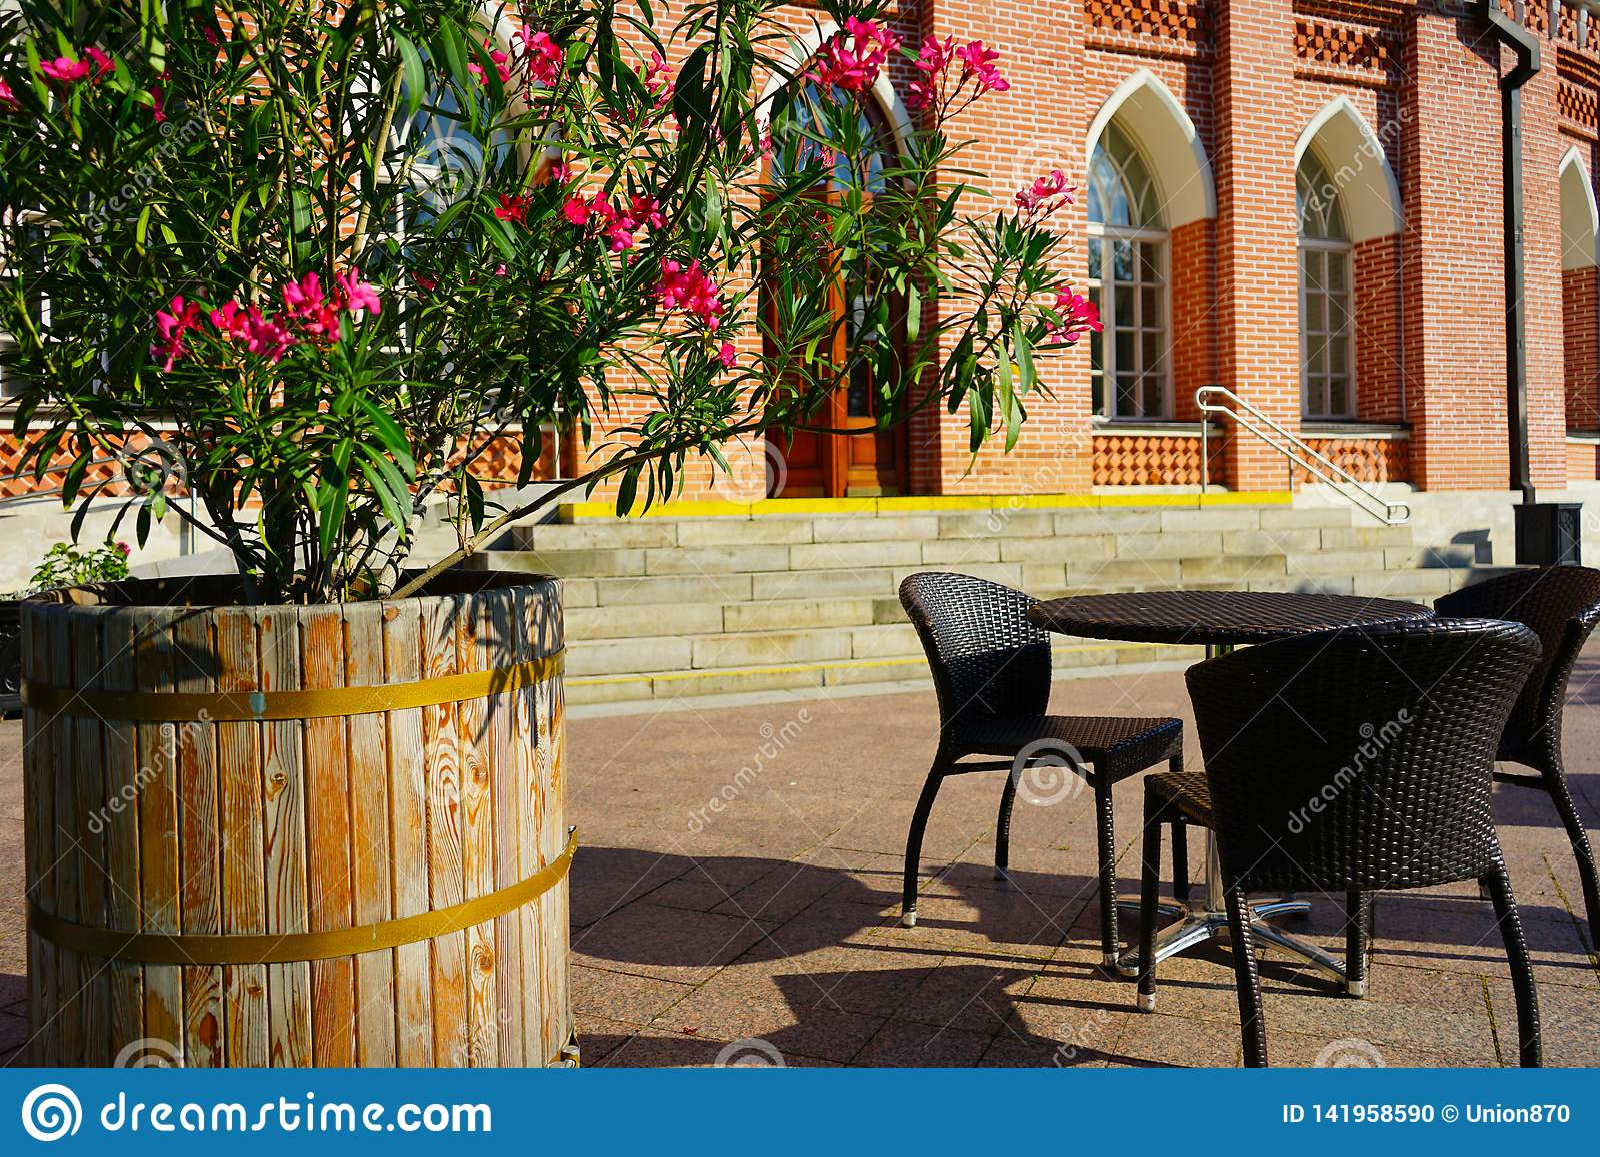 Καφές θερινών οδών με τα λουλούδια στο υπόβαθρο του ιστορικού κτηρίου